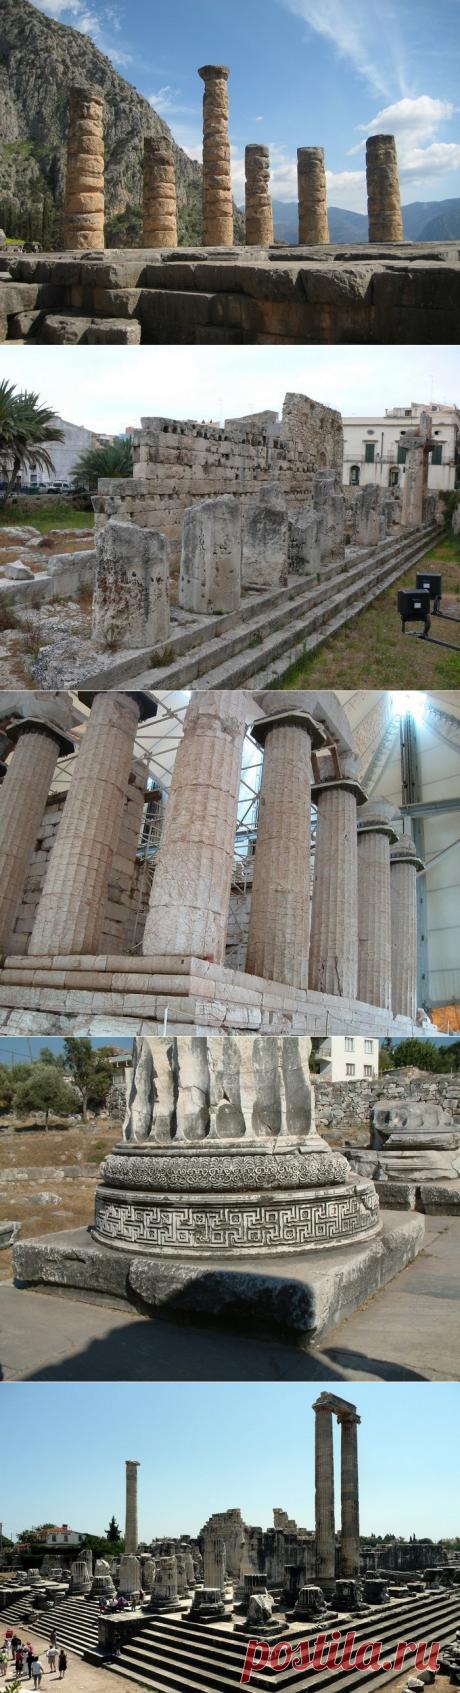 El templo de Appolona es el templo más antiguo situado en la ciudad antigua de Grecia — Delfa. - Viajamos juntos